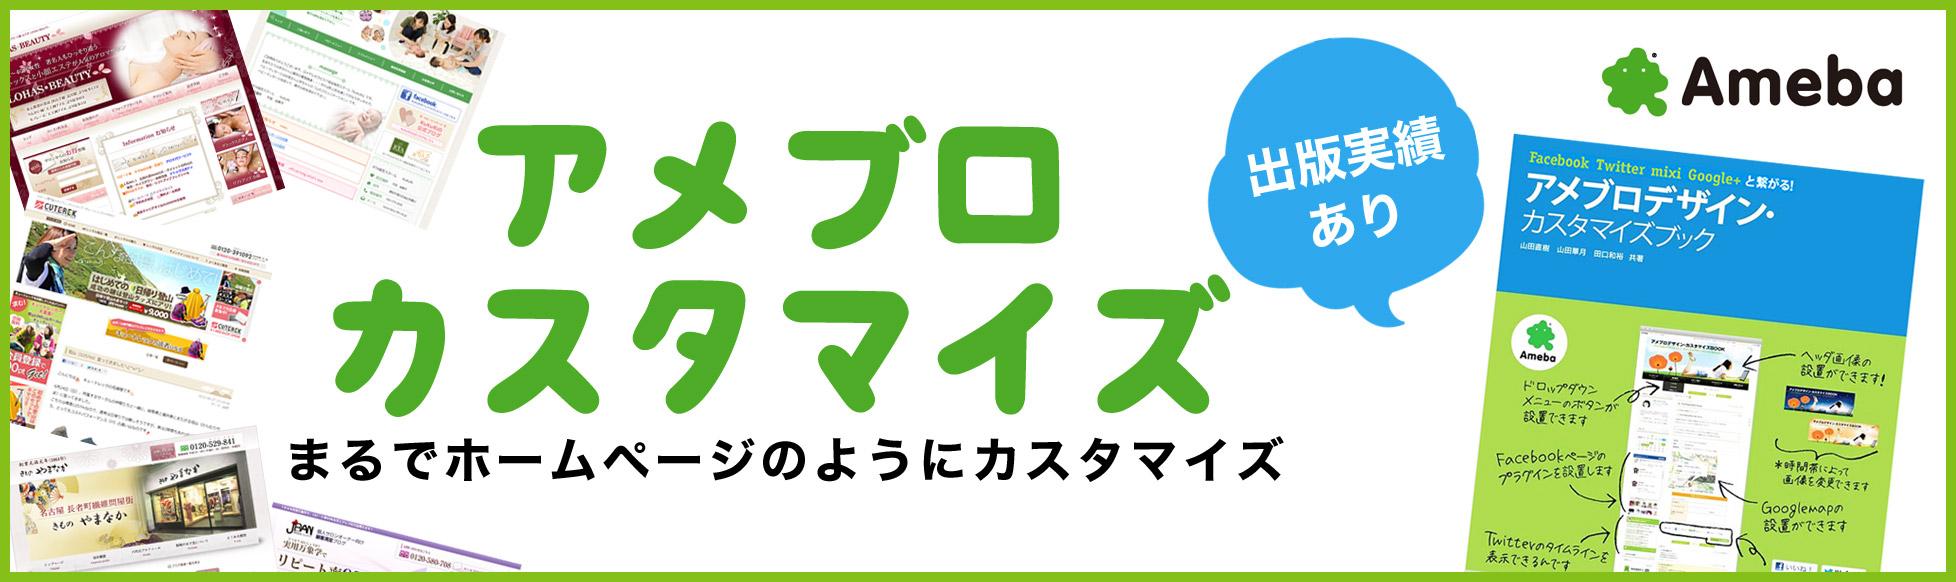 岐阜県岐阜市のSNSに強いホームページ作成会社 サイバーインテリジェンス